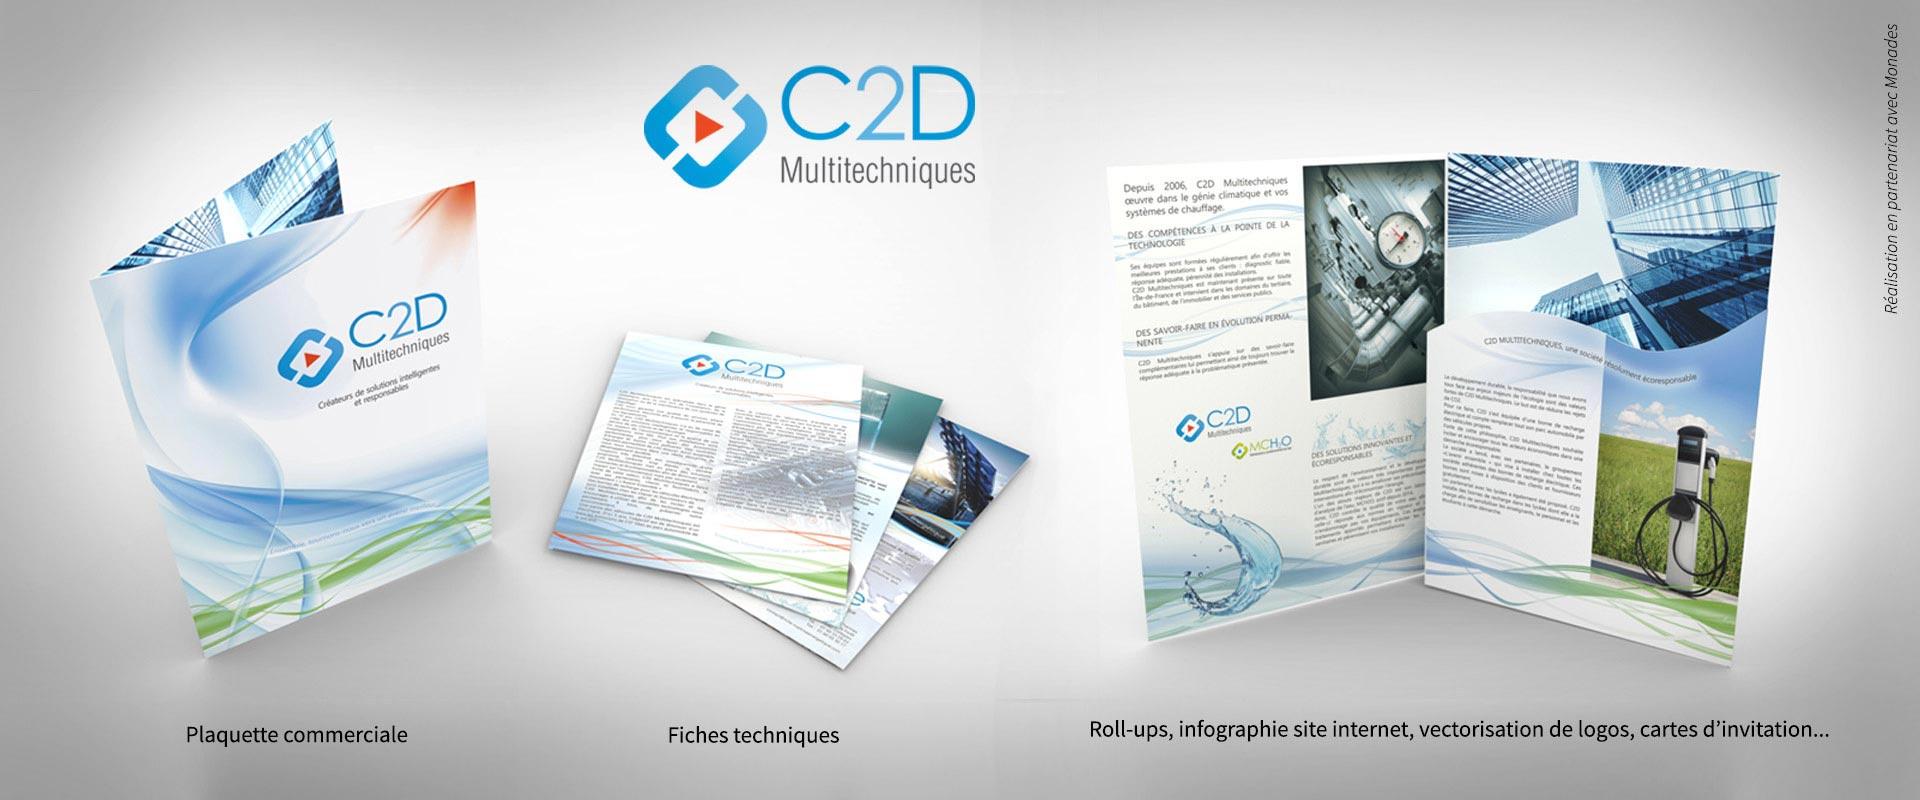 ref-C2D-Netbinder